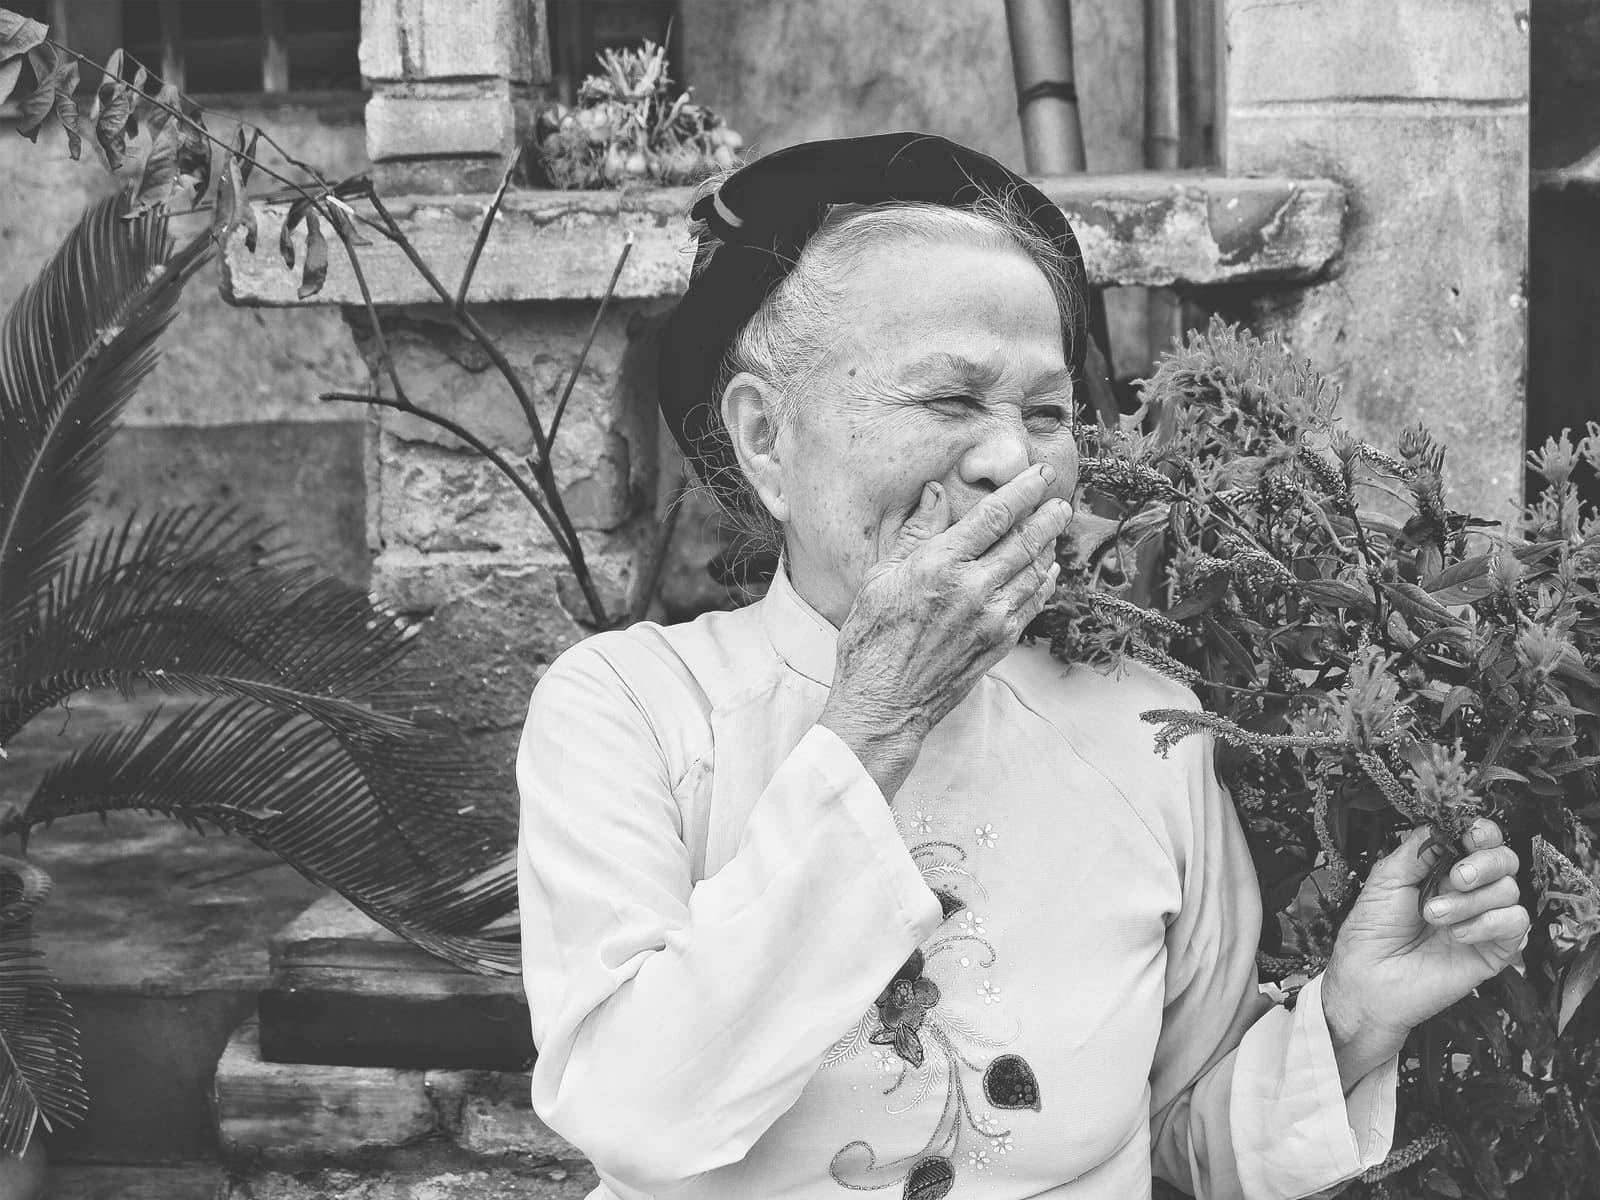 المفهوم البدائي للسعادة